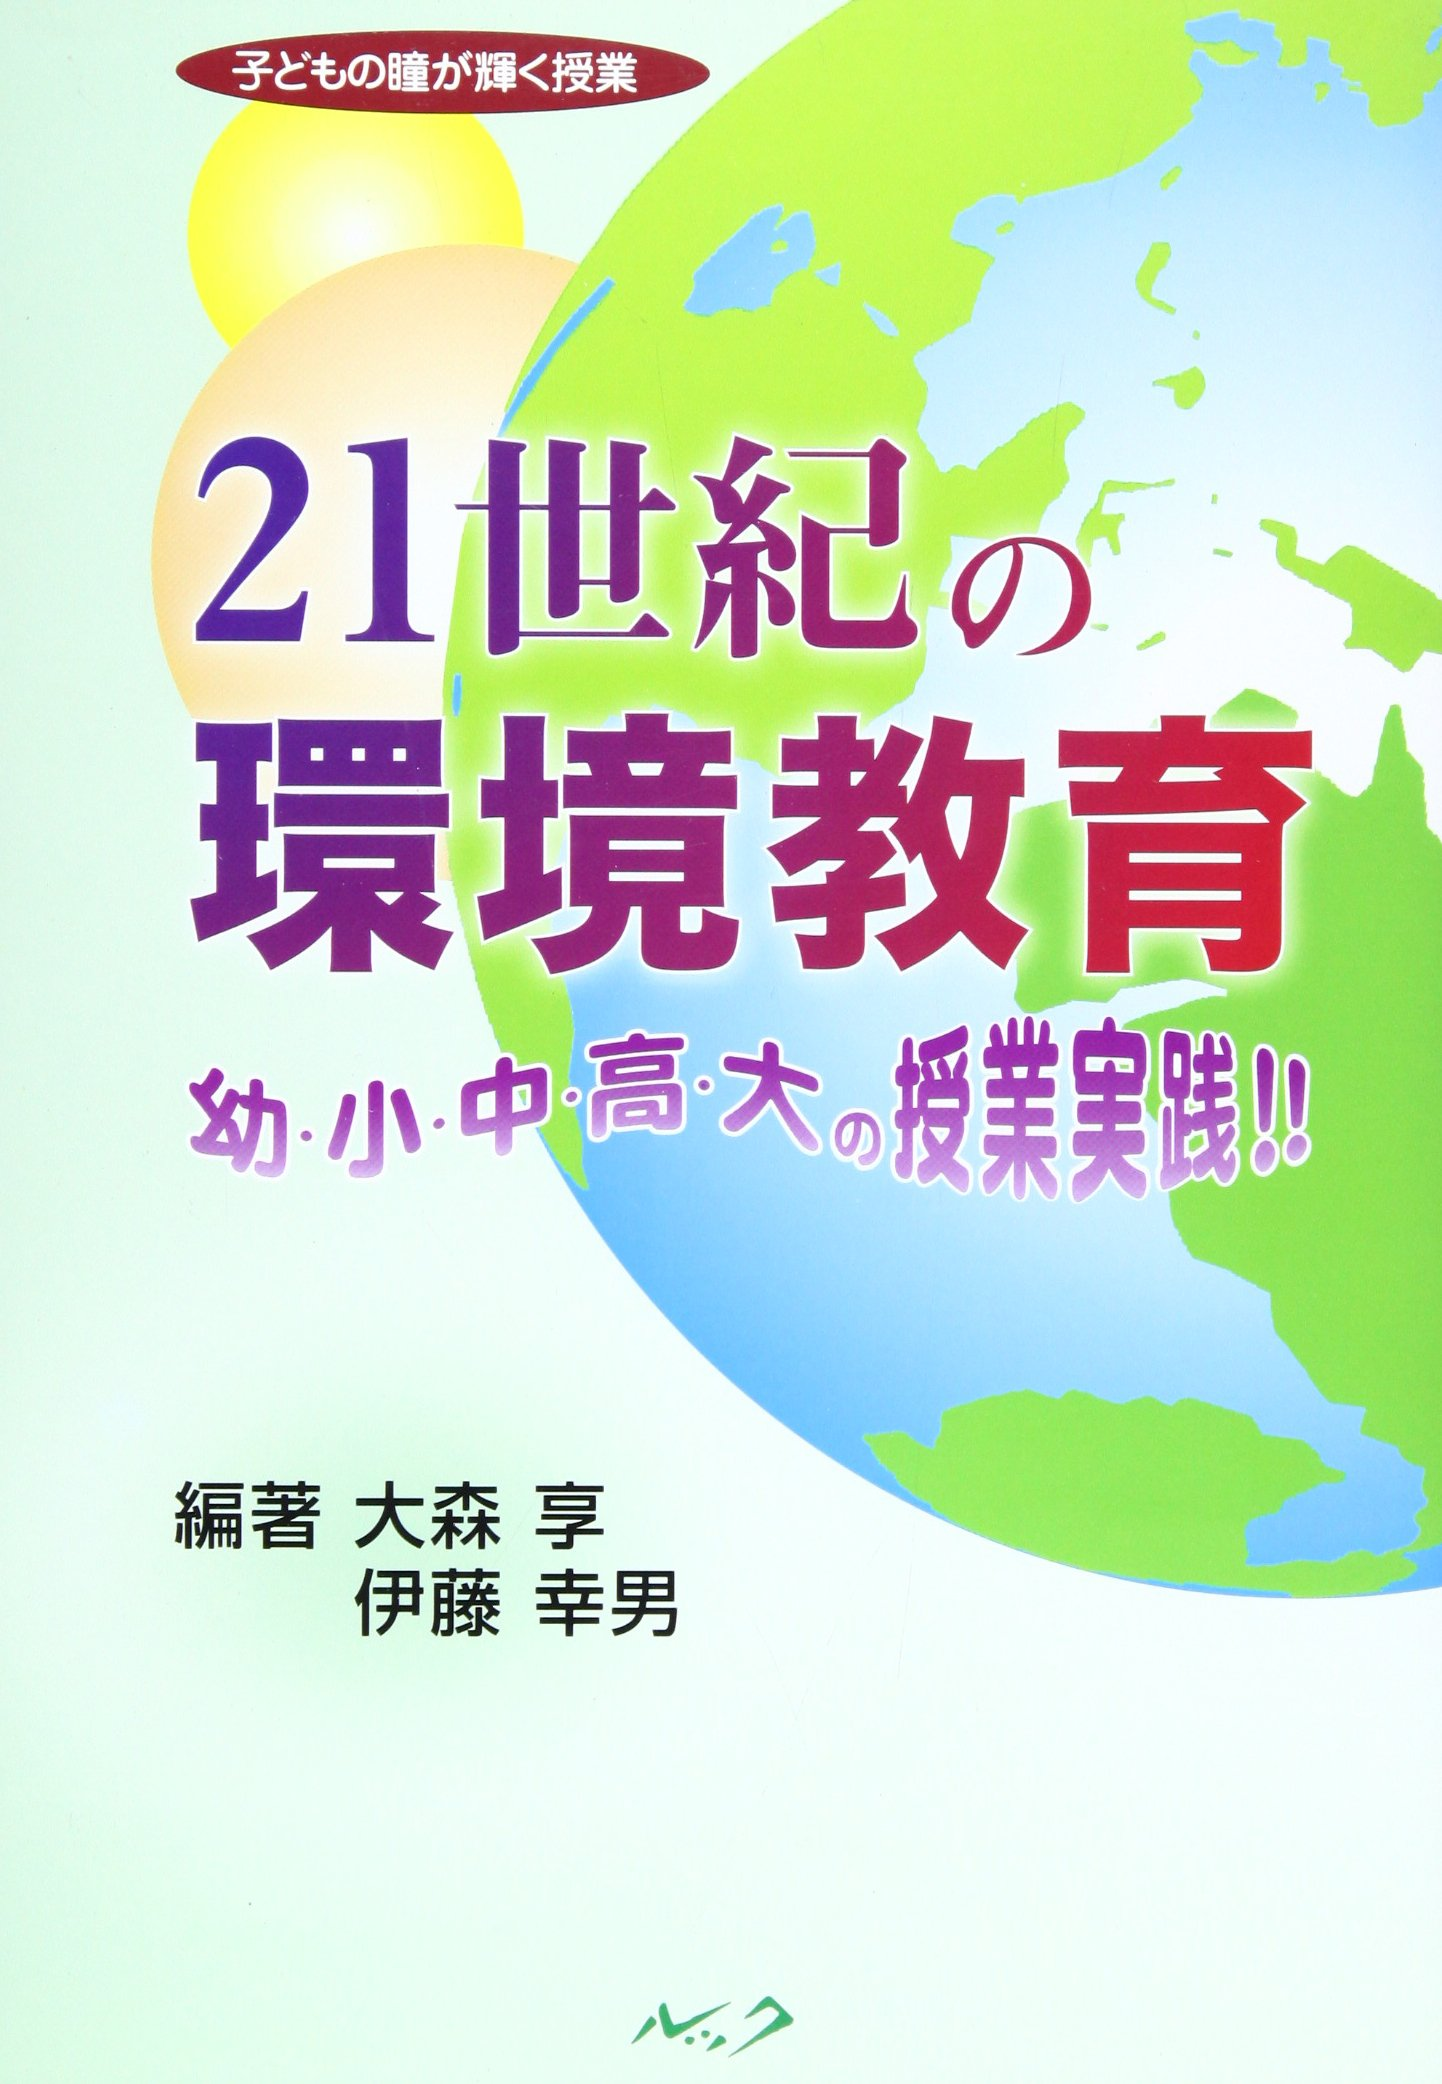 Nijūisseiki no kankyō kyōiku : yō shō chū kō dai no jugyō jissen PDF ePub fb2 ebook